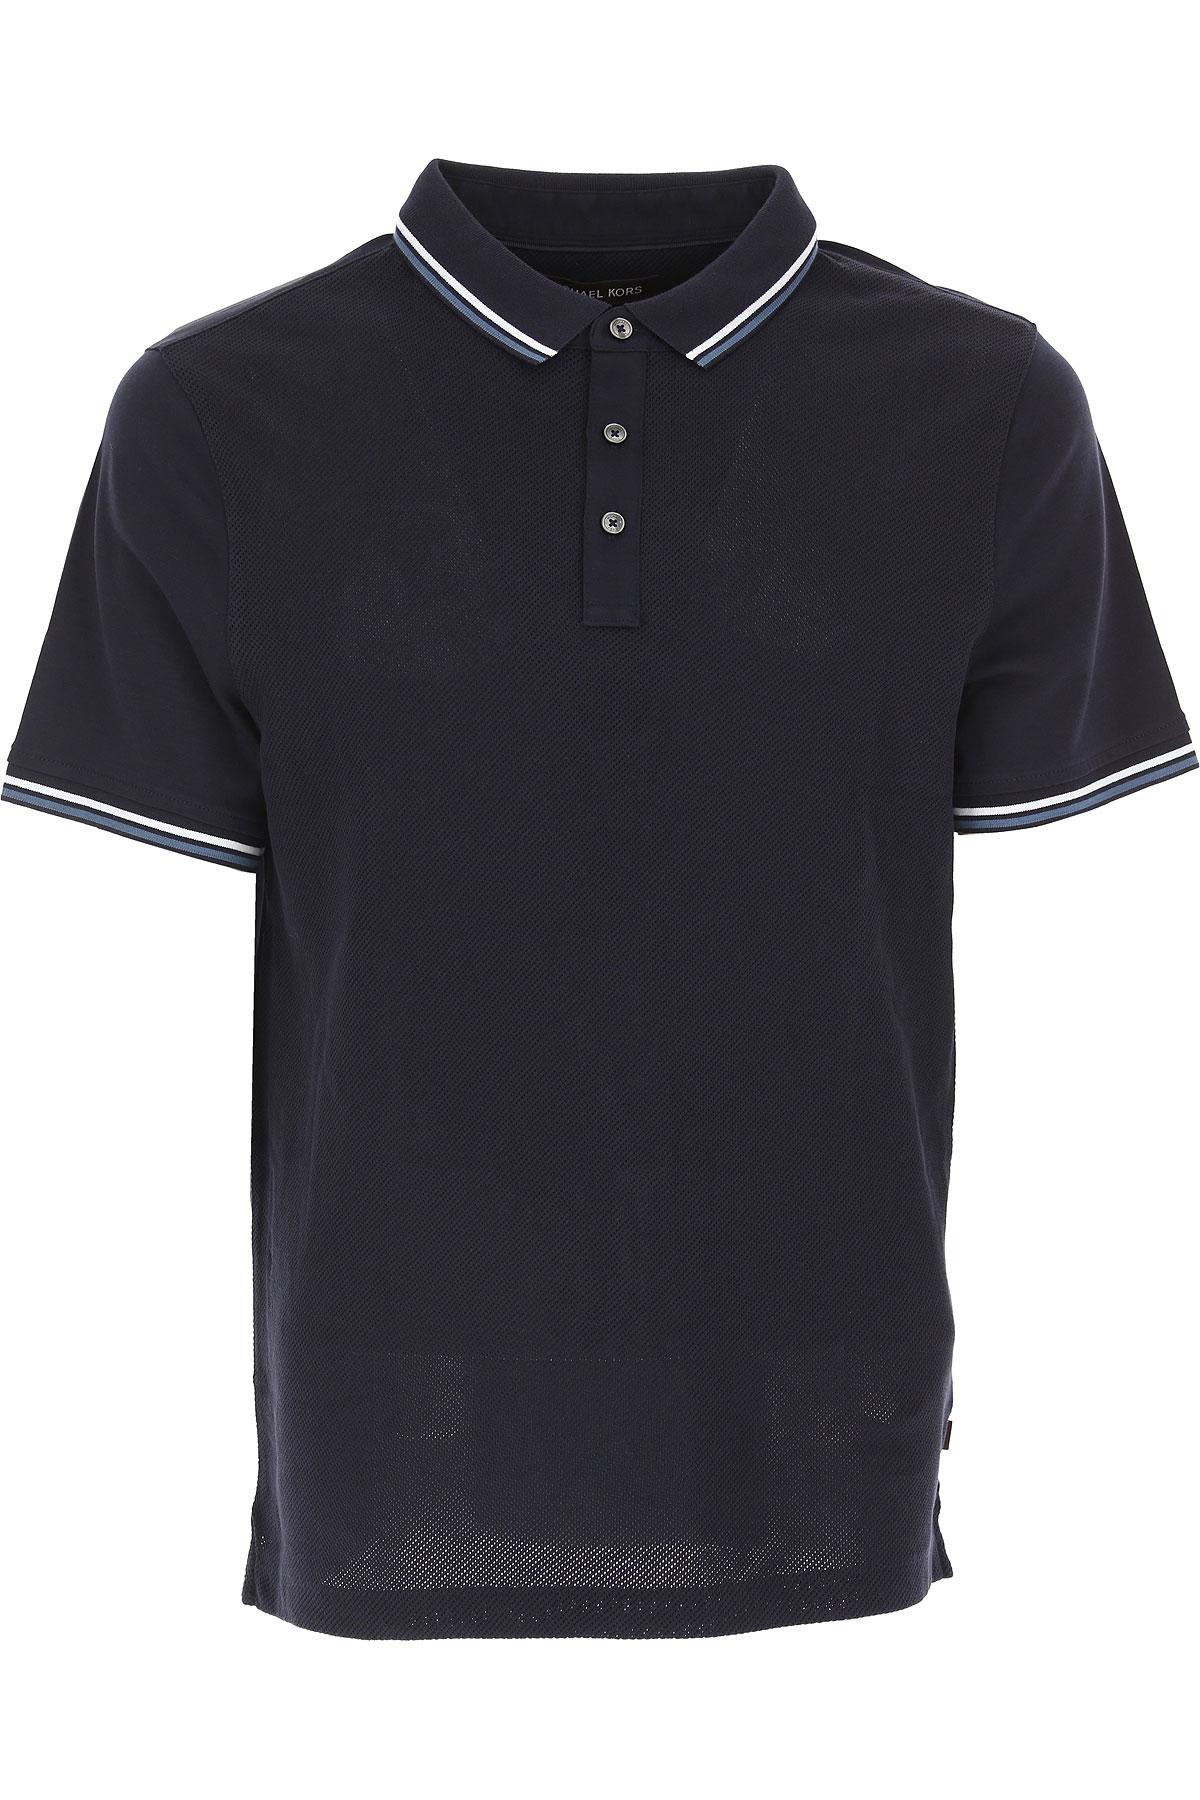 Michael Kors Мужская рубашка поло В продаже в аутлете, Темная полночь, Хлопок, 2017, L XL